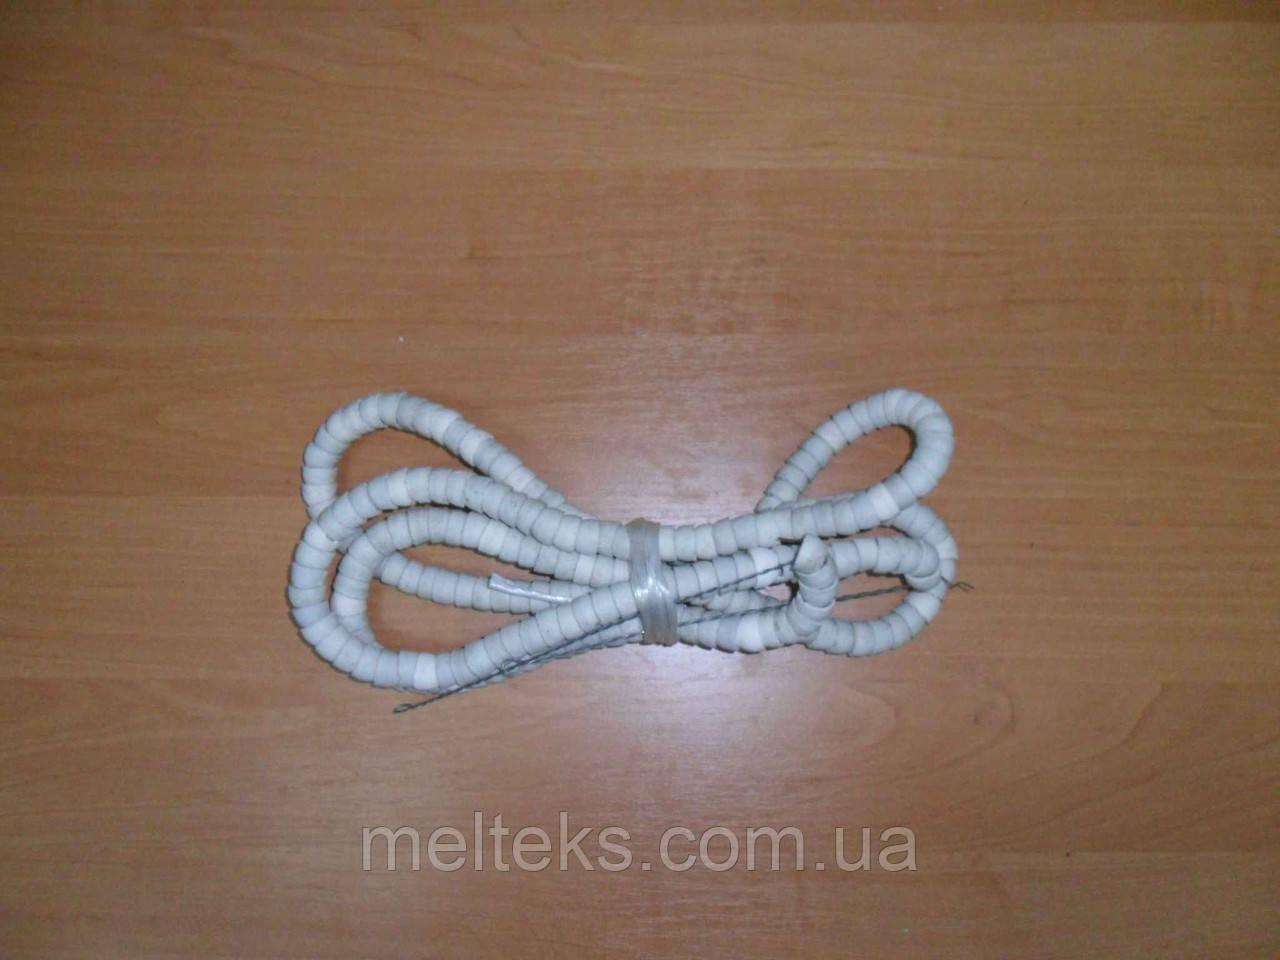 Спираль в бусах для электроплит ПЭСМ 4, КЭ 0,12, ПЭ 0,51, ЭП